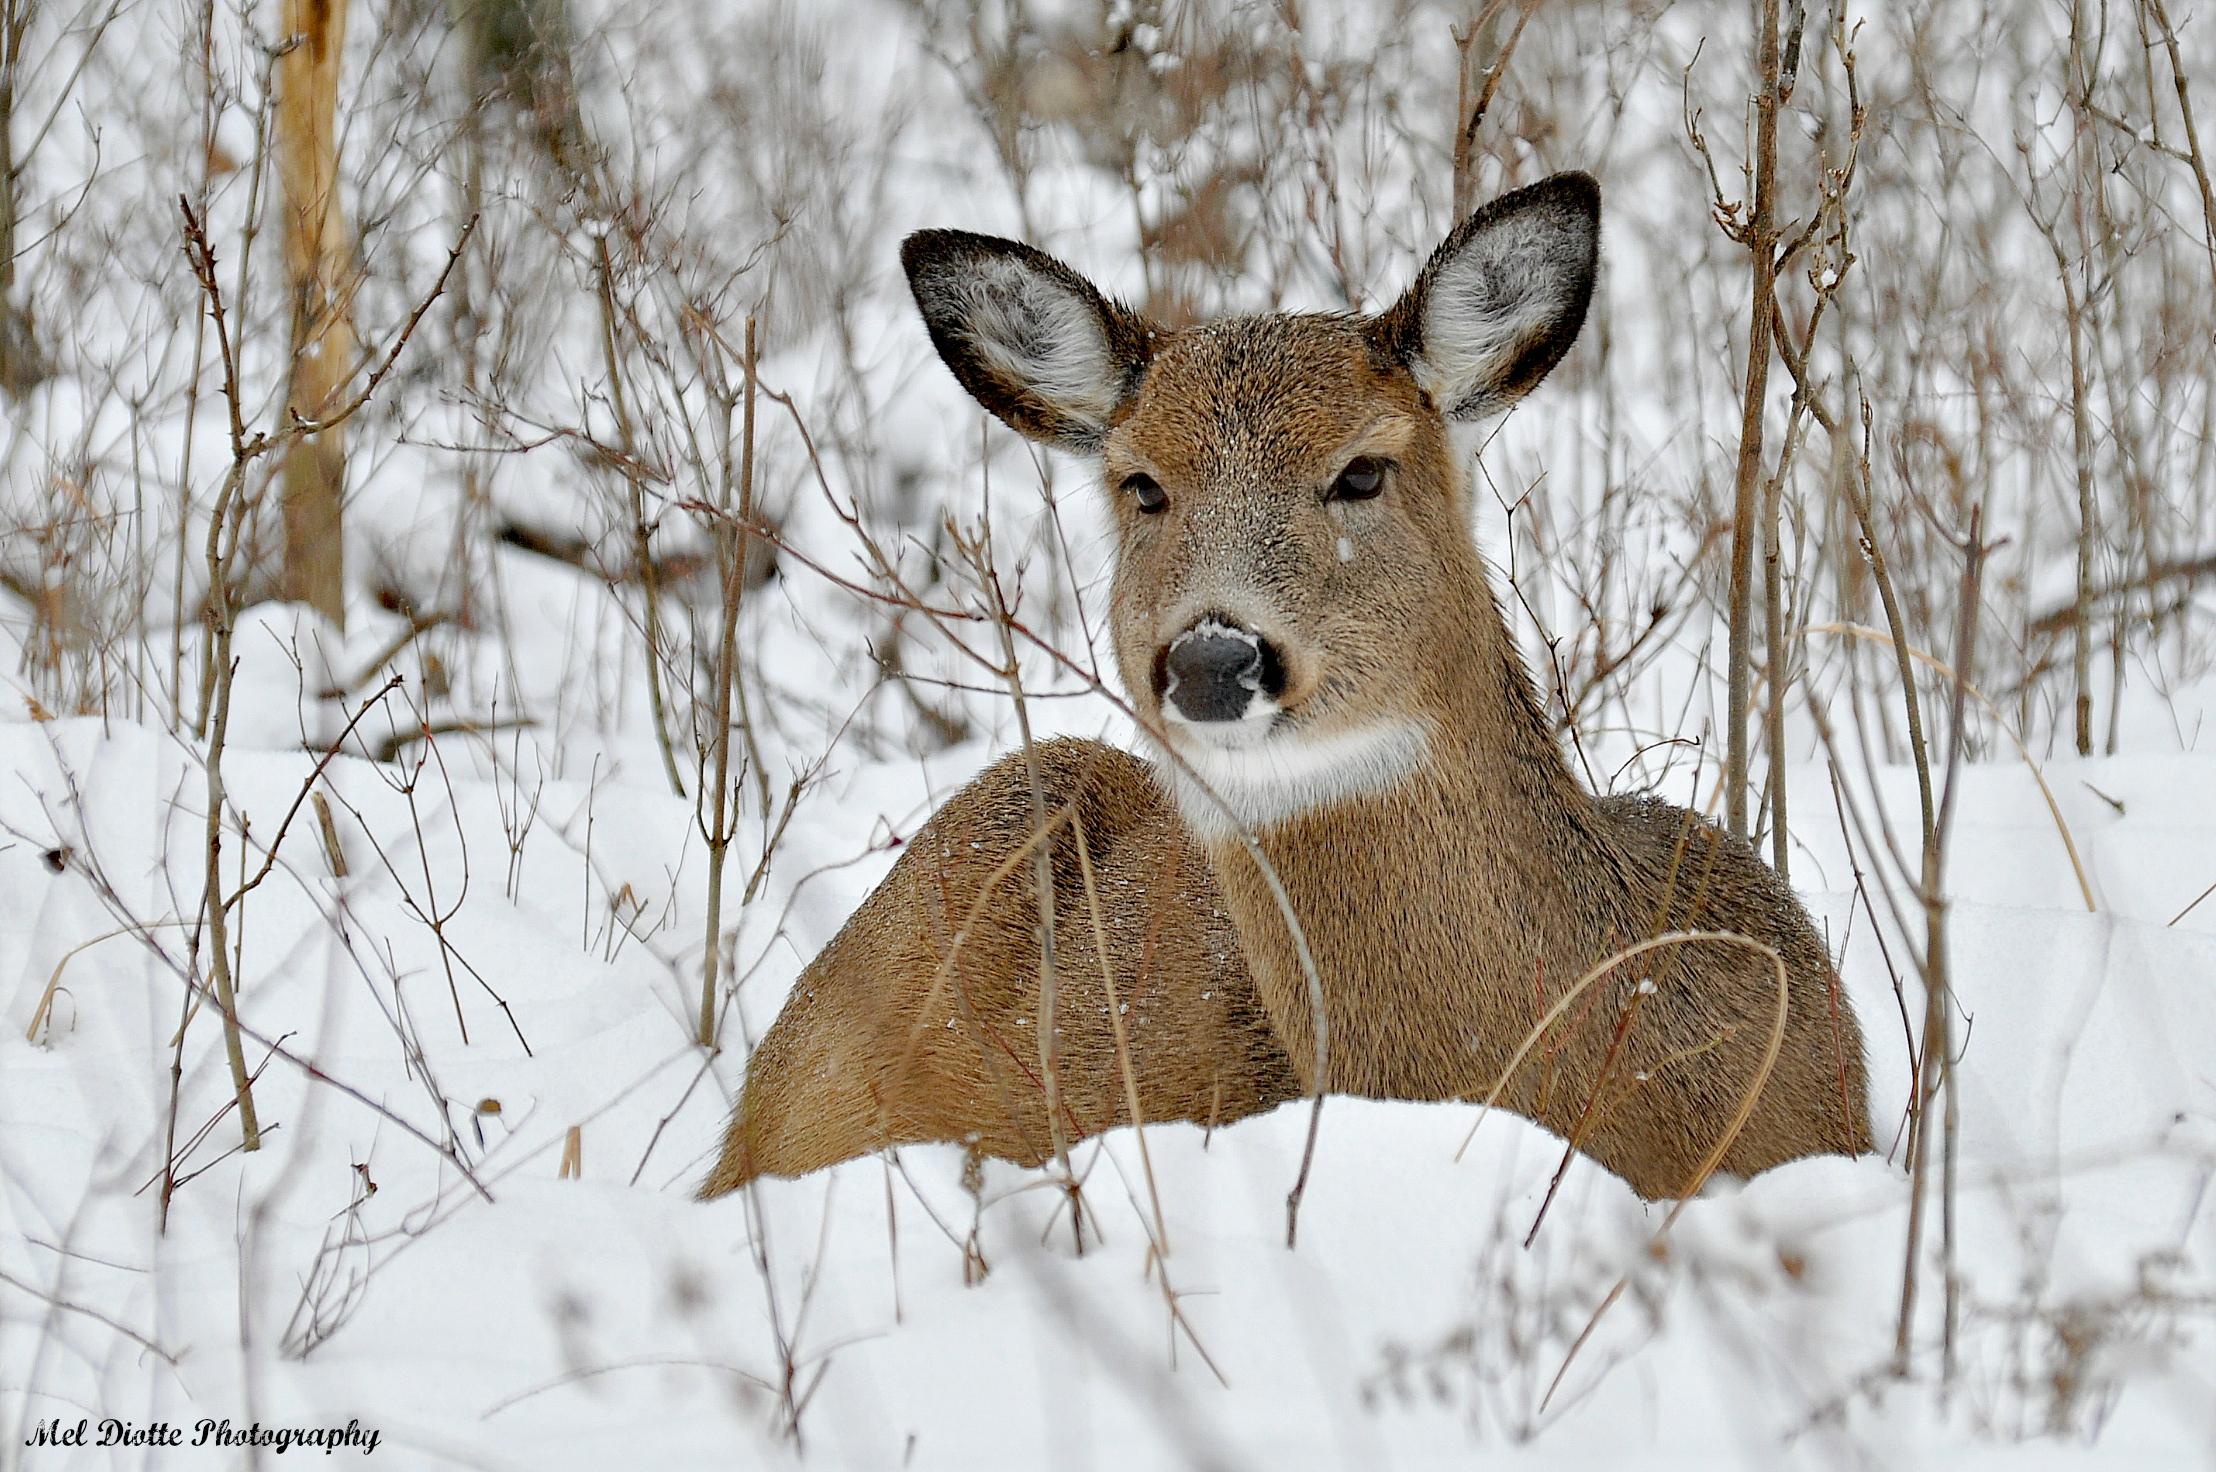 whitetail deer in snow.jpg